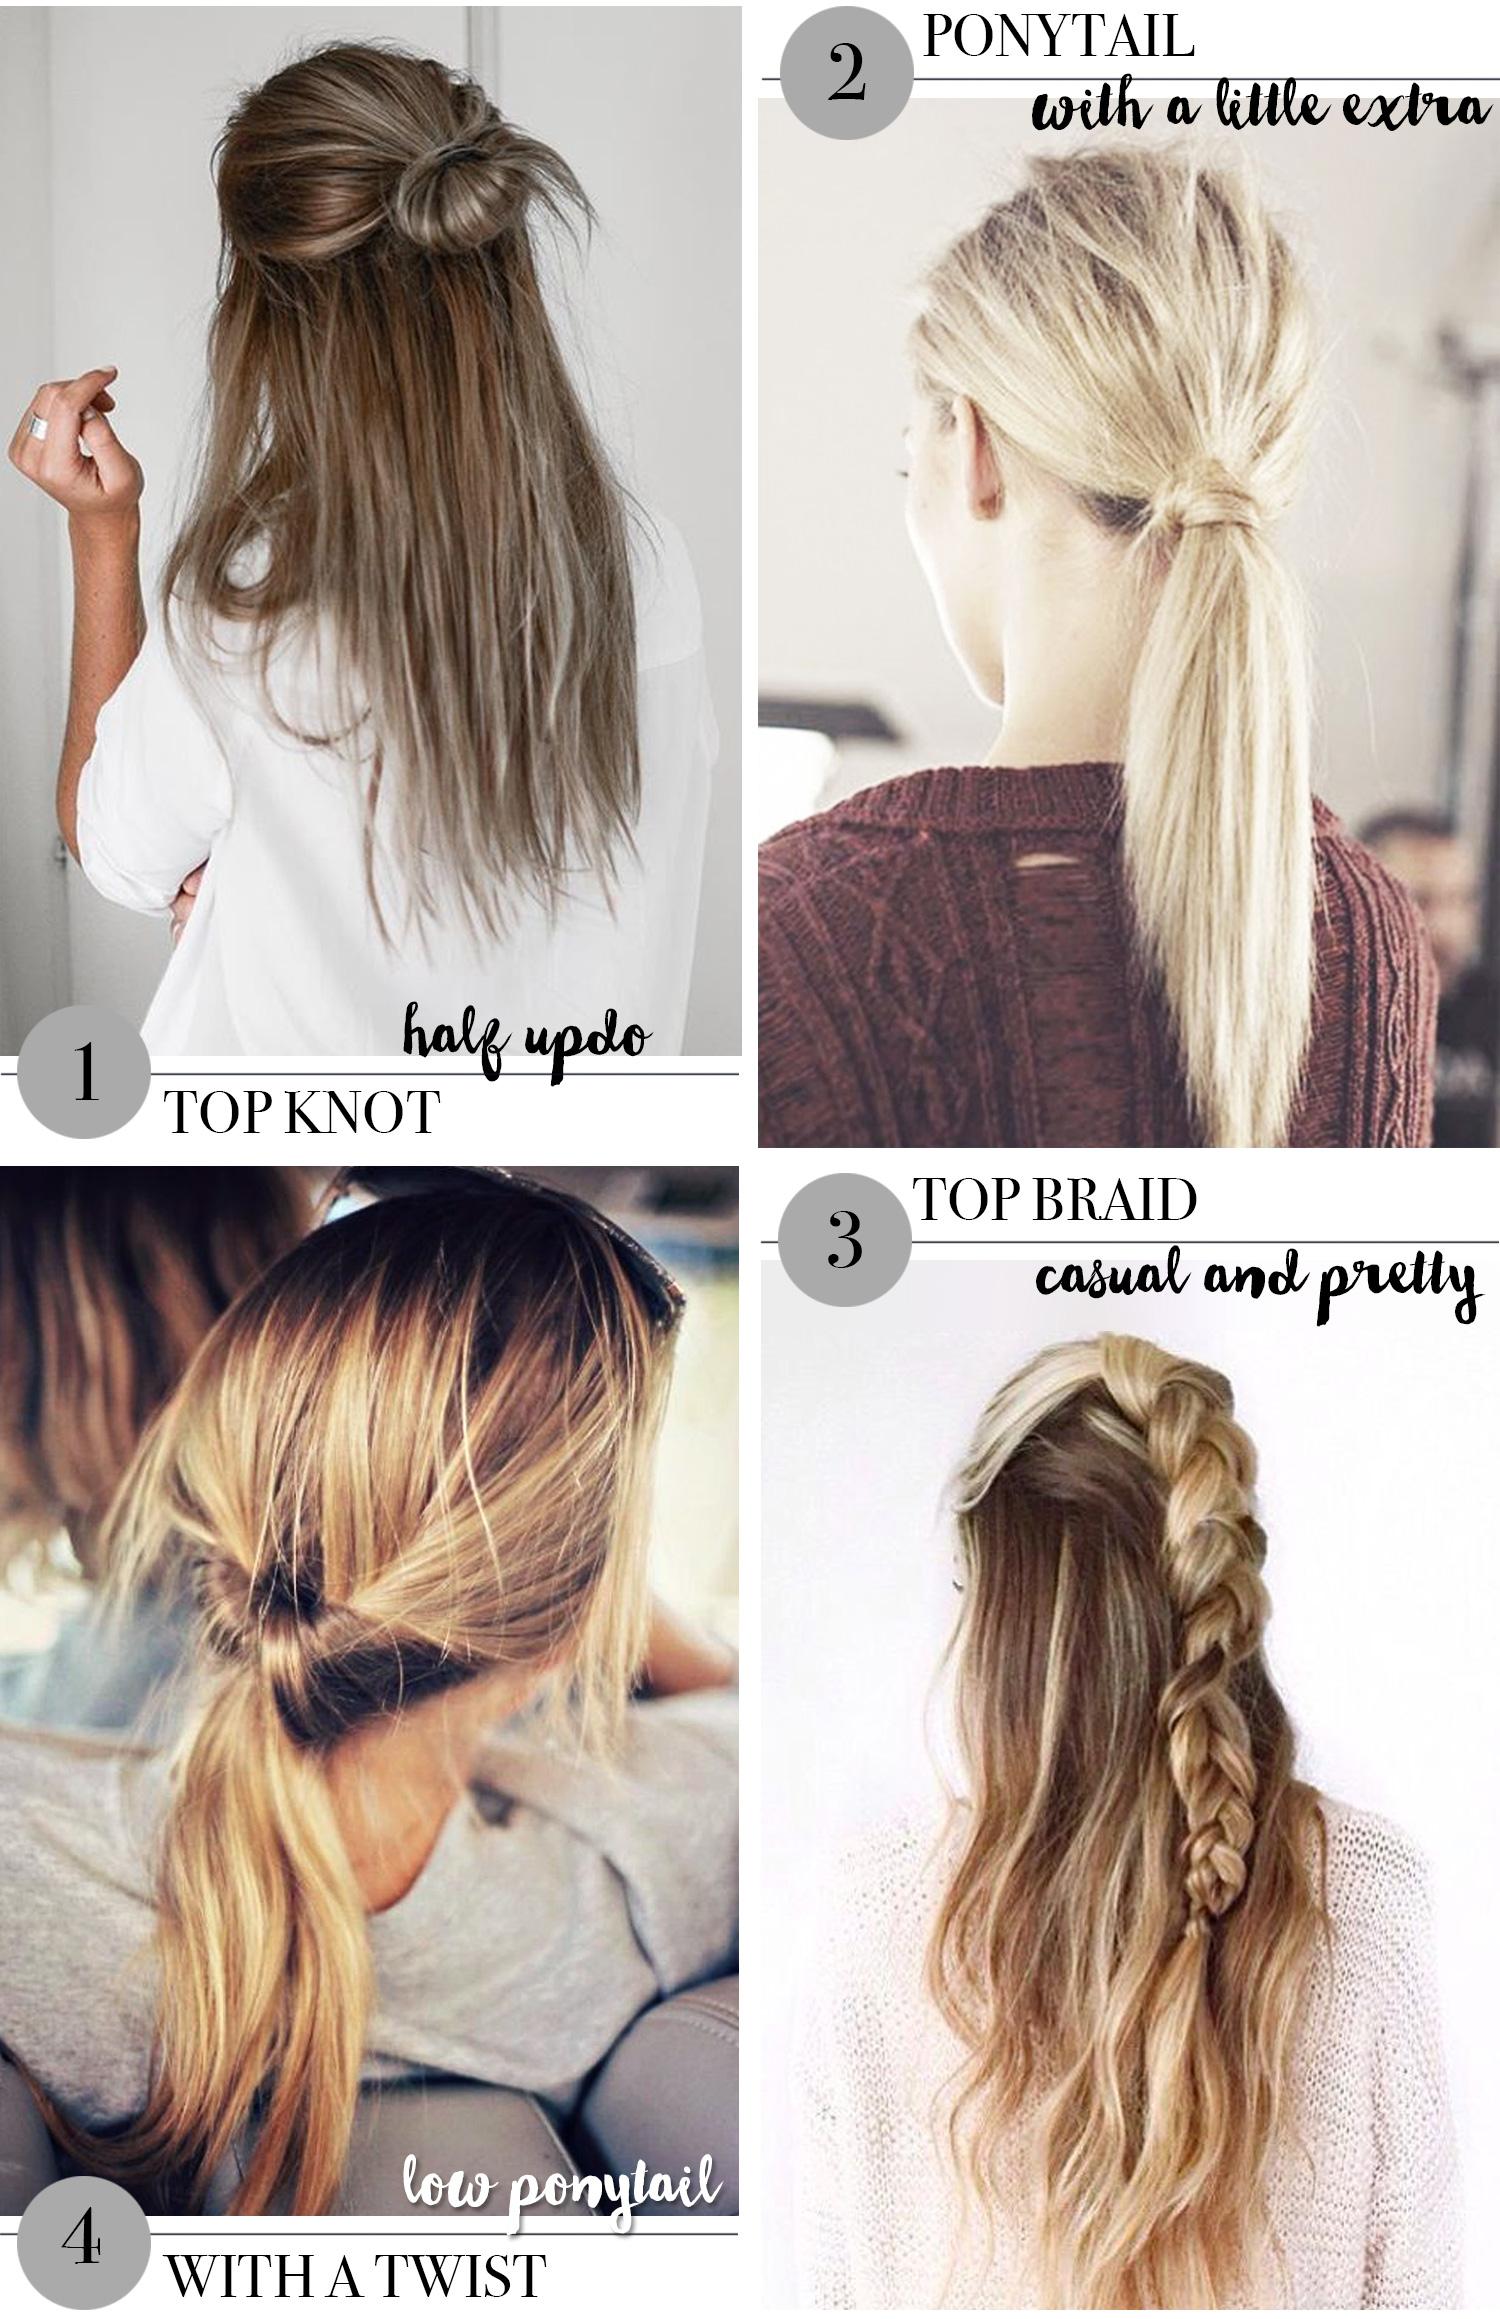 nem opsætning af mellemlangt hår